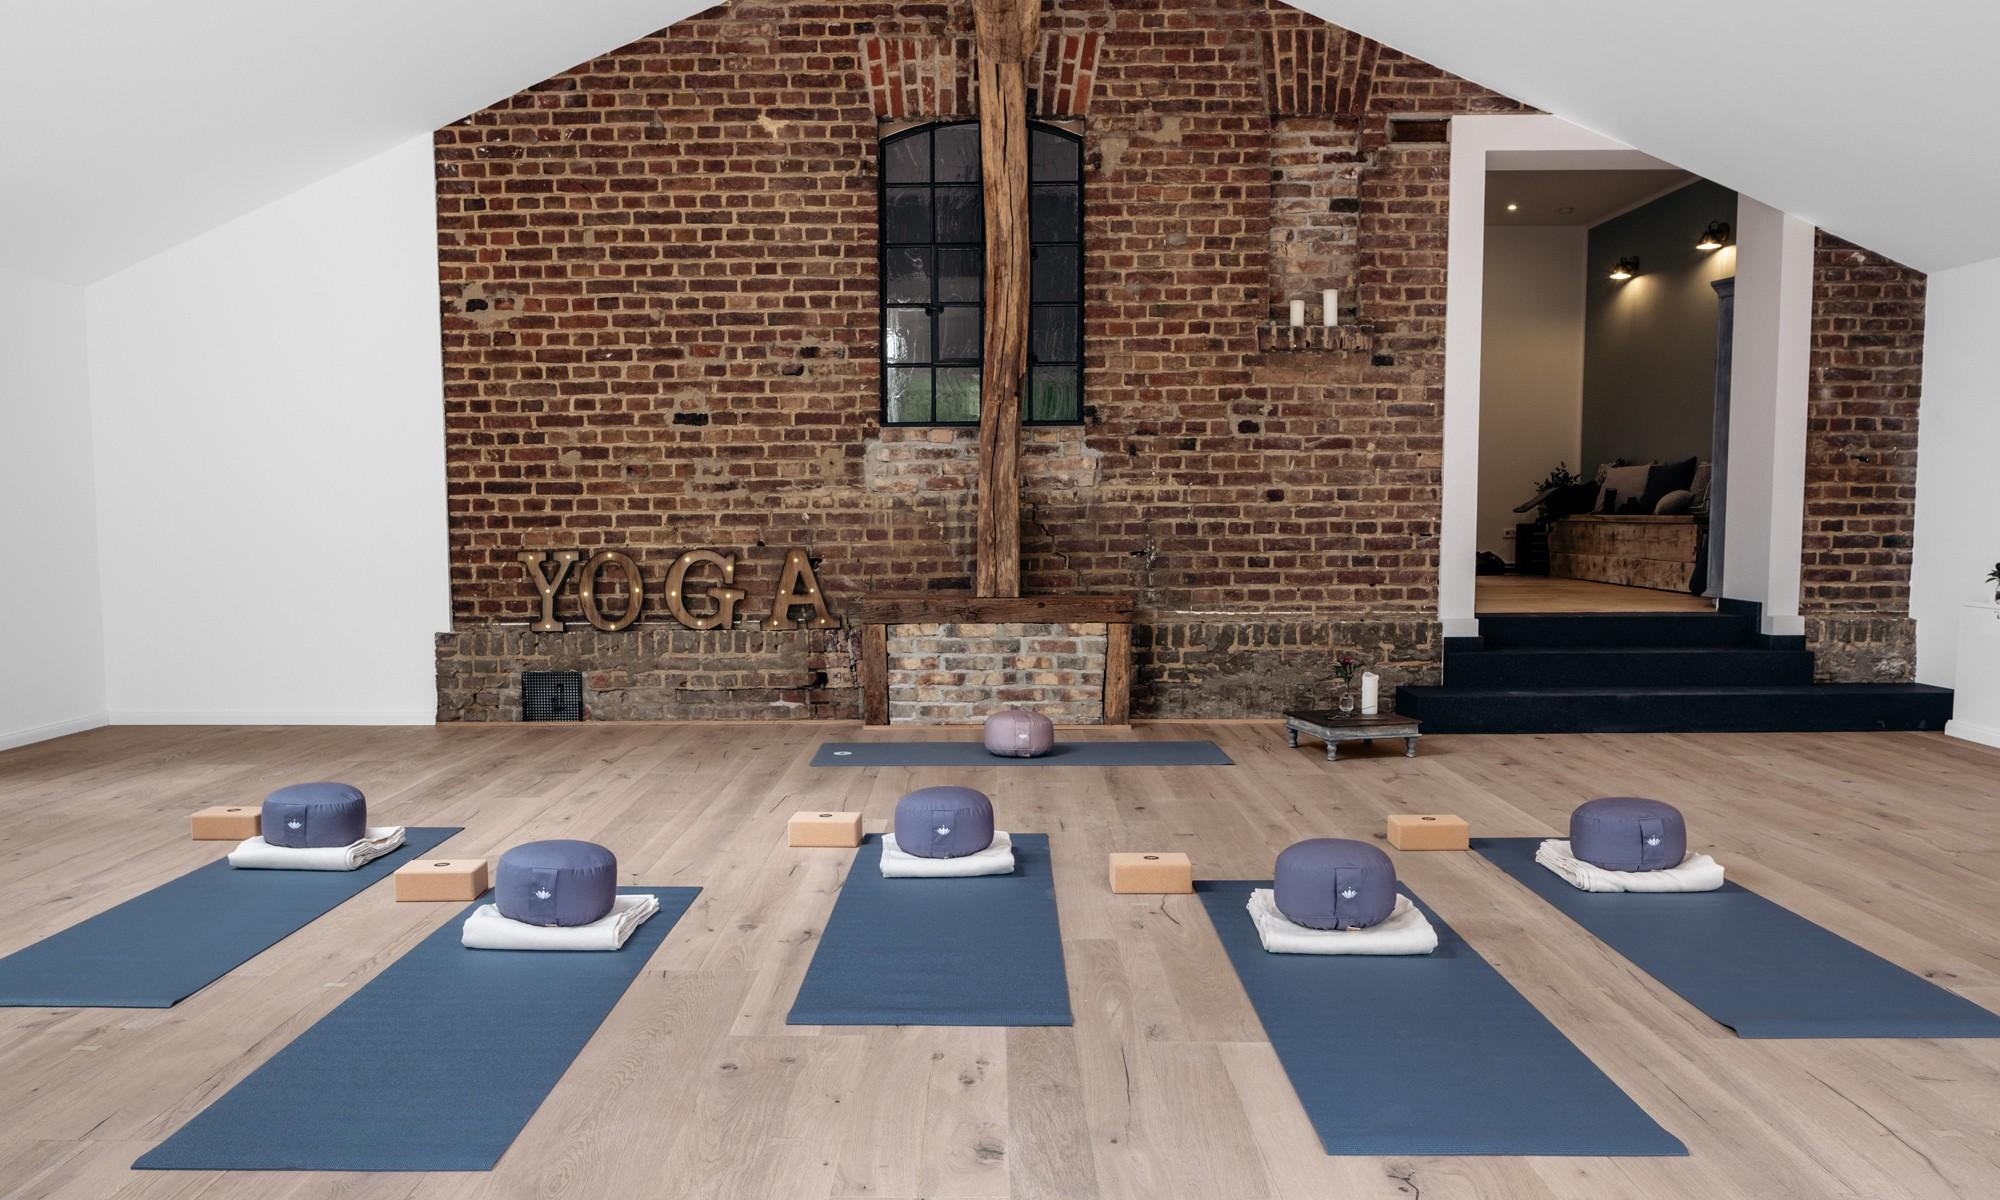 YogaBlick - Über YogaBlick